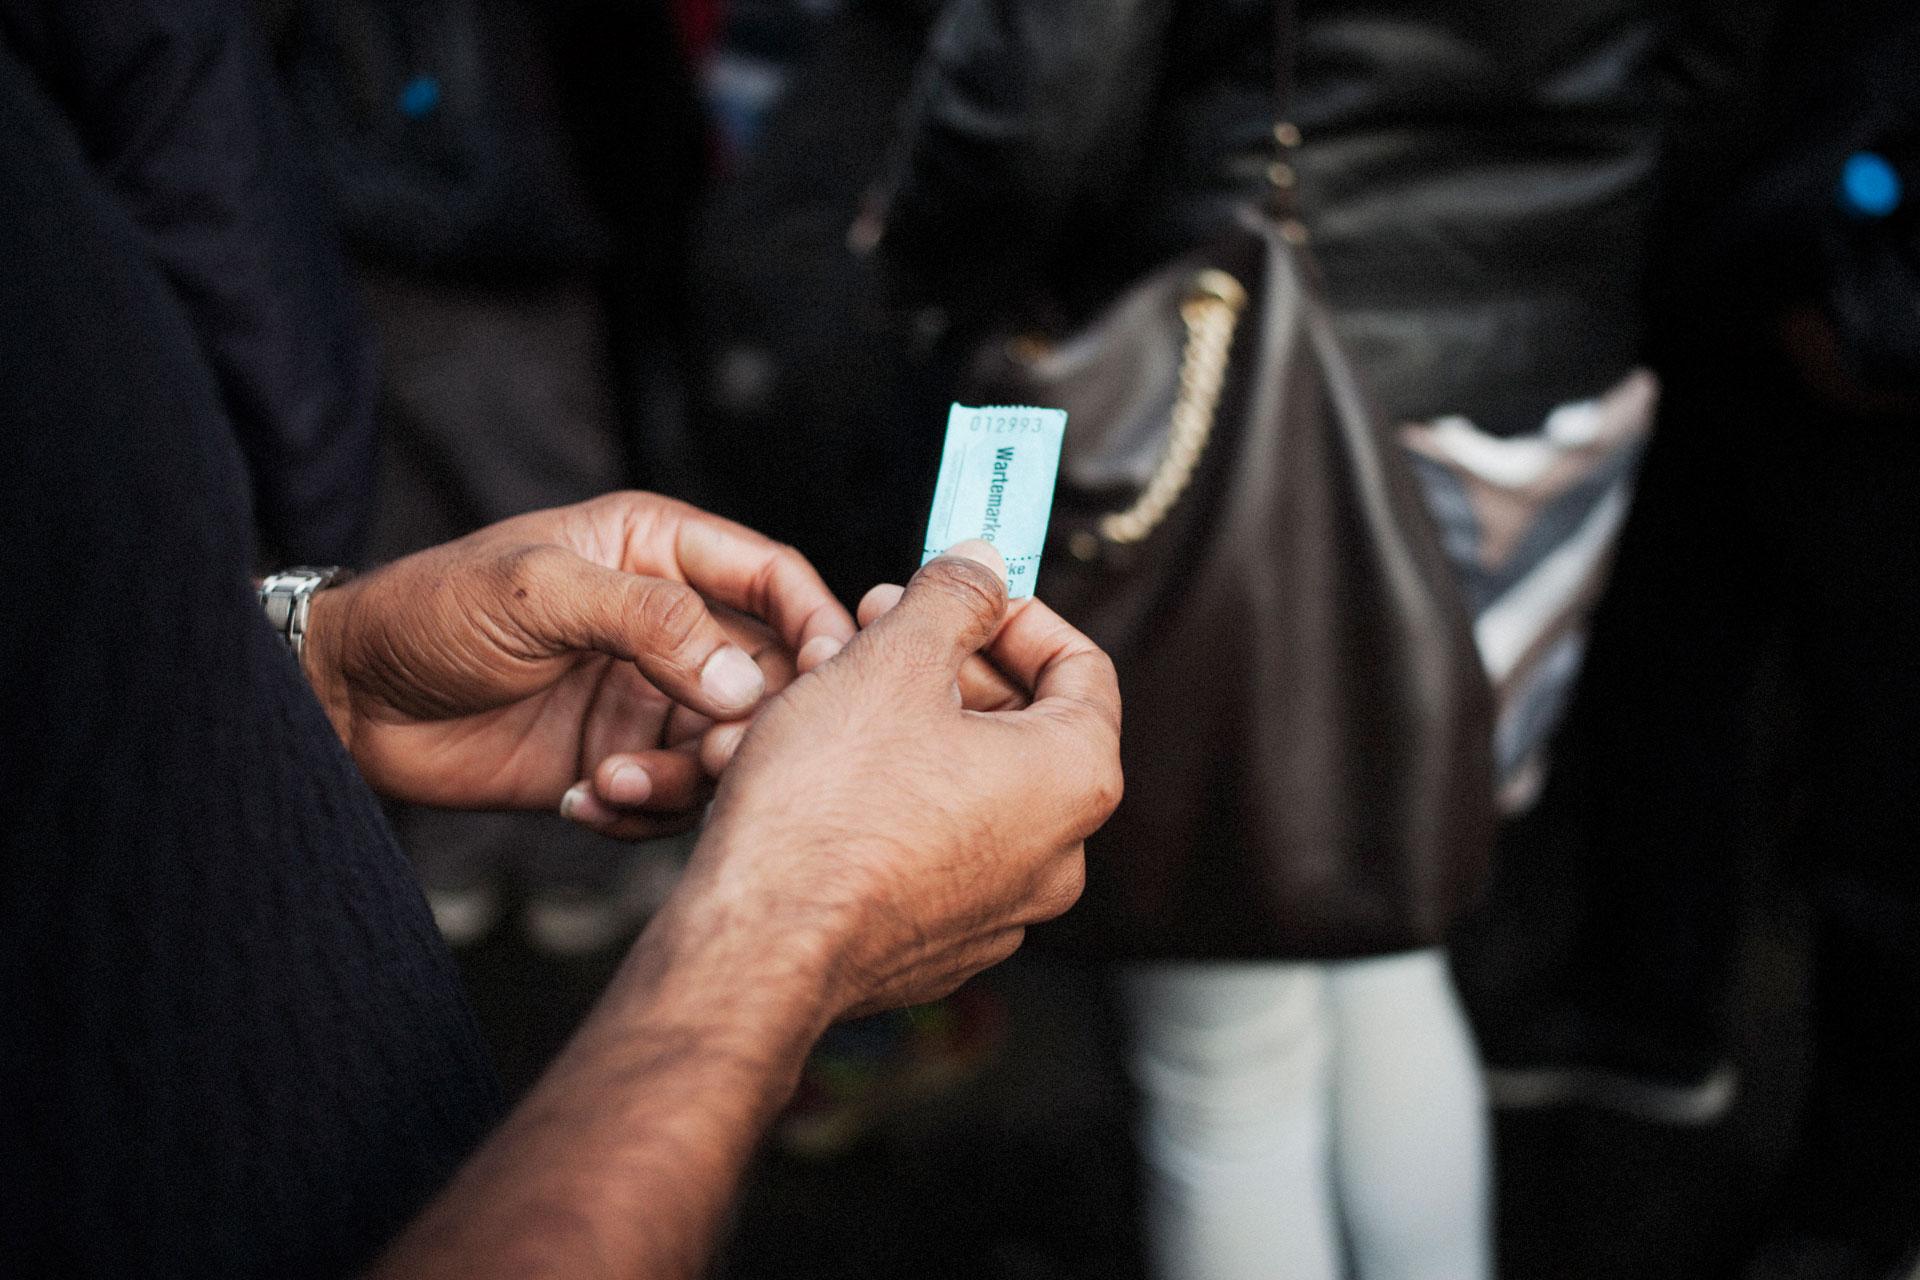 timo-stammberger-photography-fotografie-berlin-lageso-refugees-fluechtlinge-migration-13